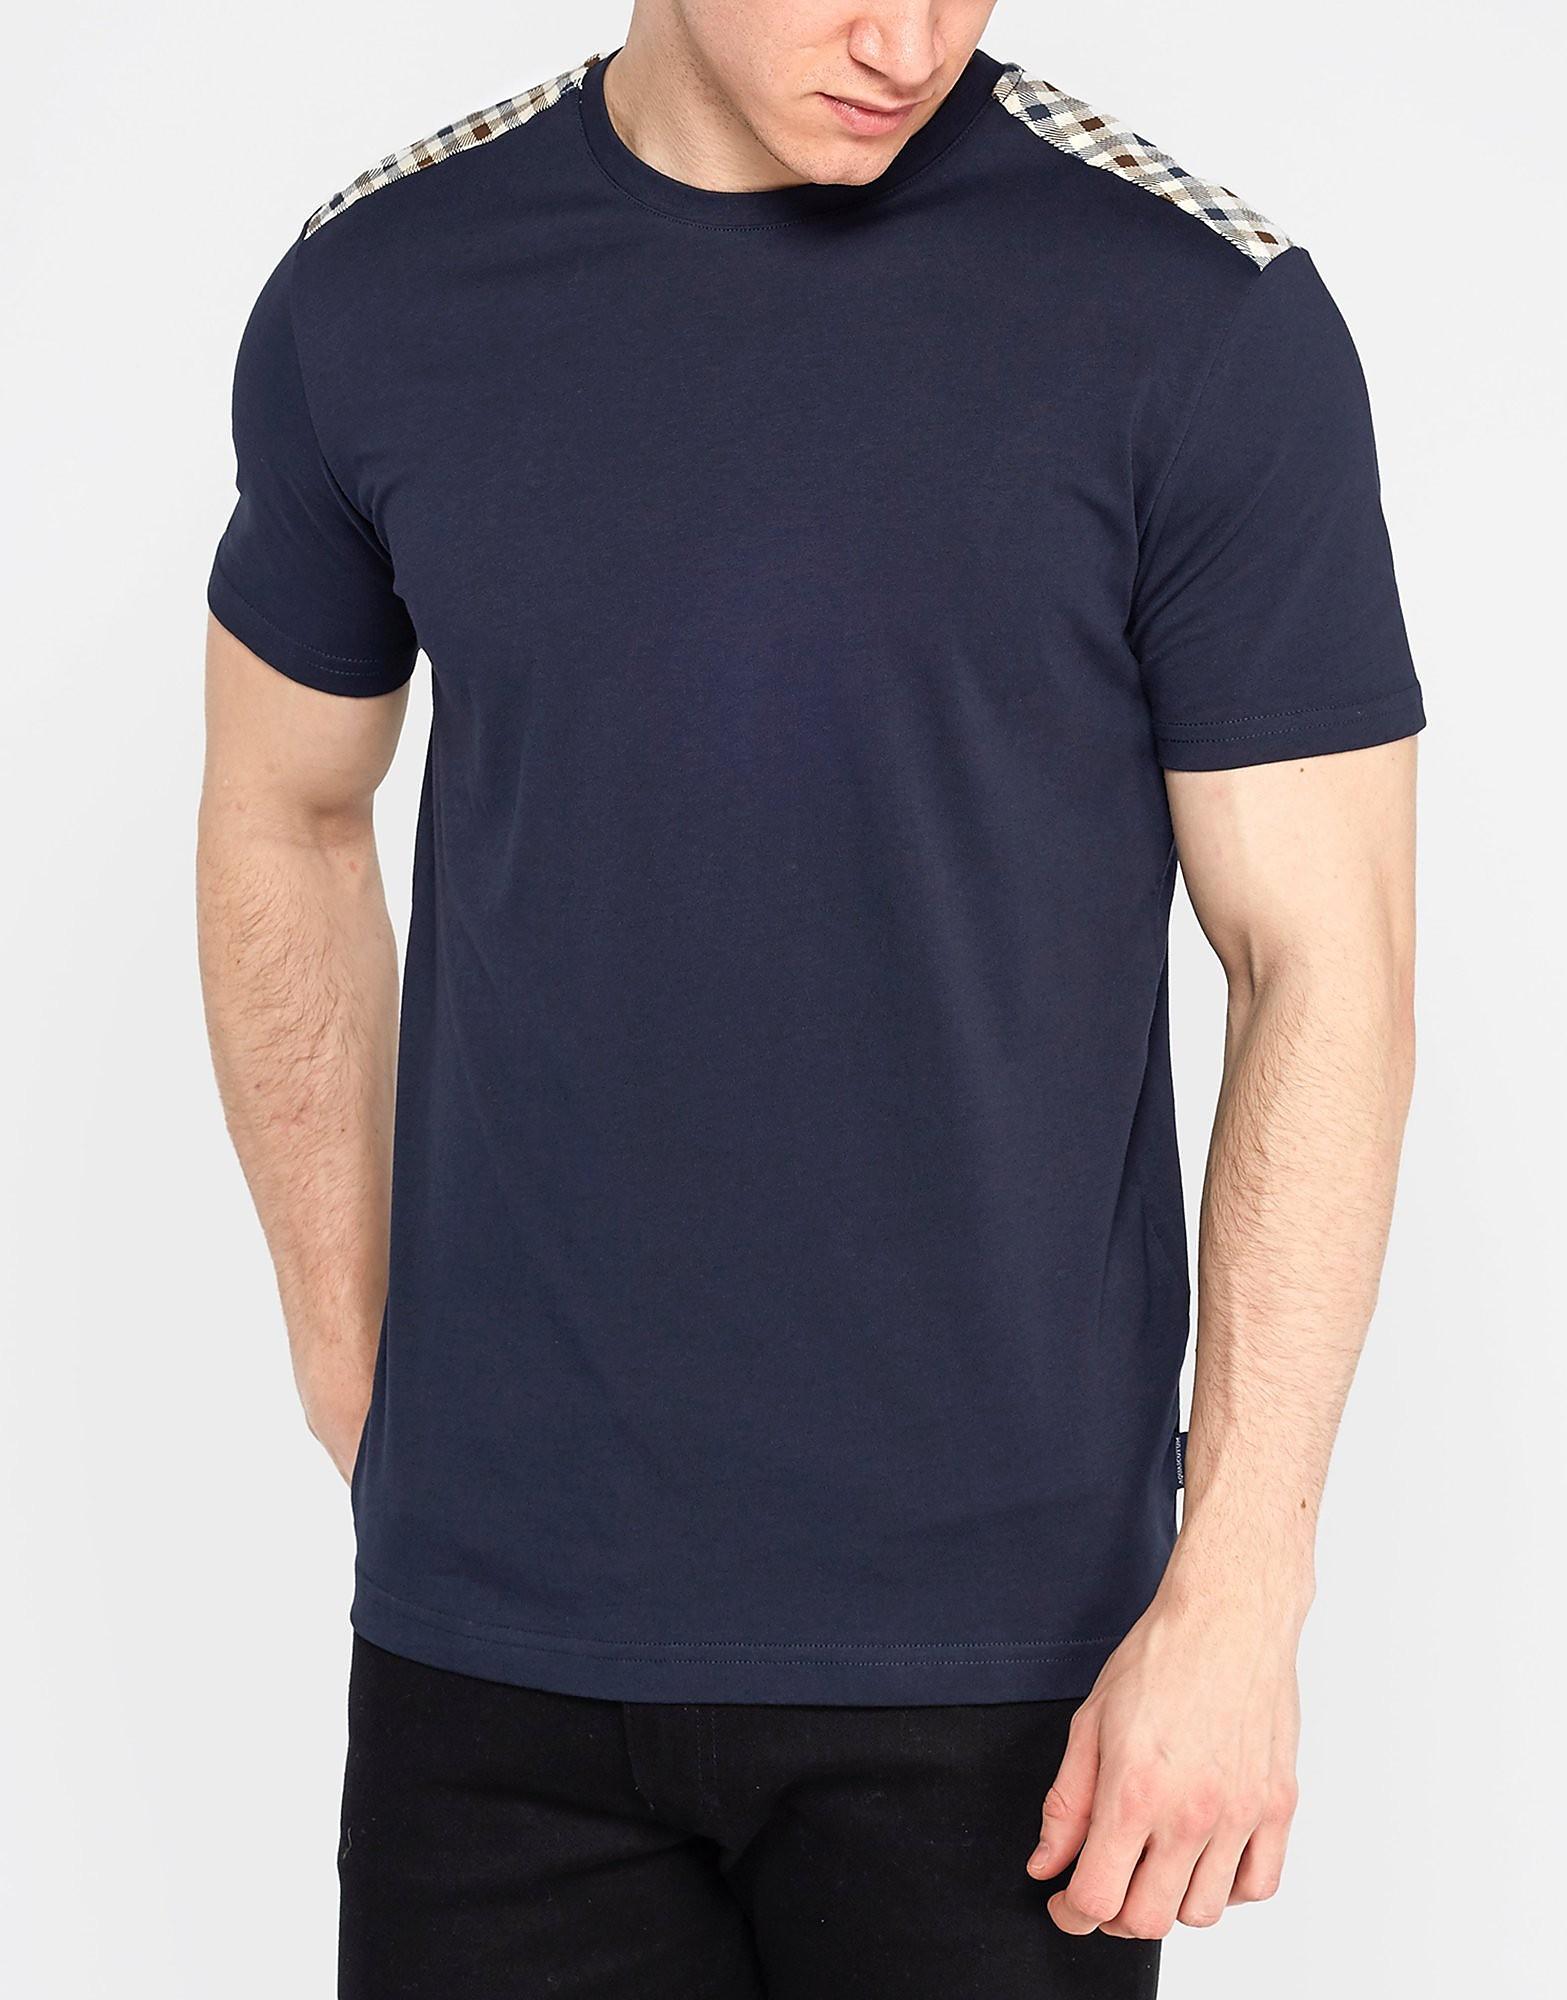 Aquascutum Check Shoulder T-Shirt